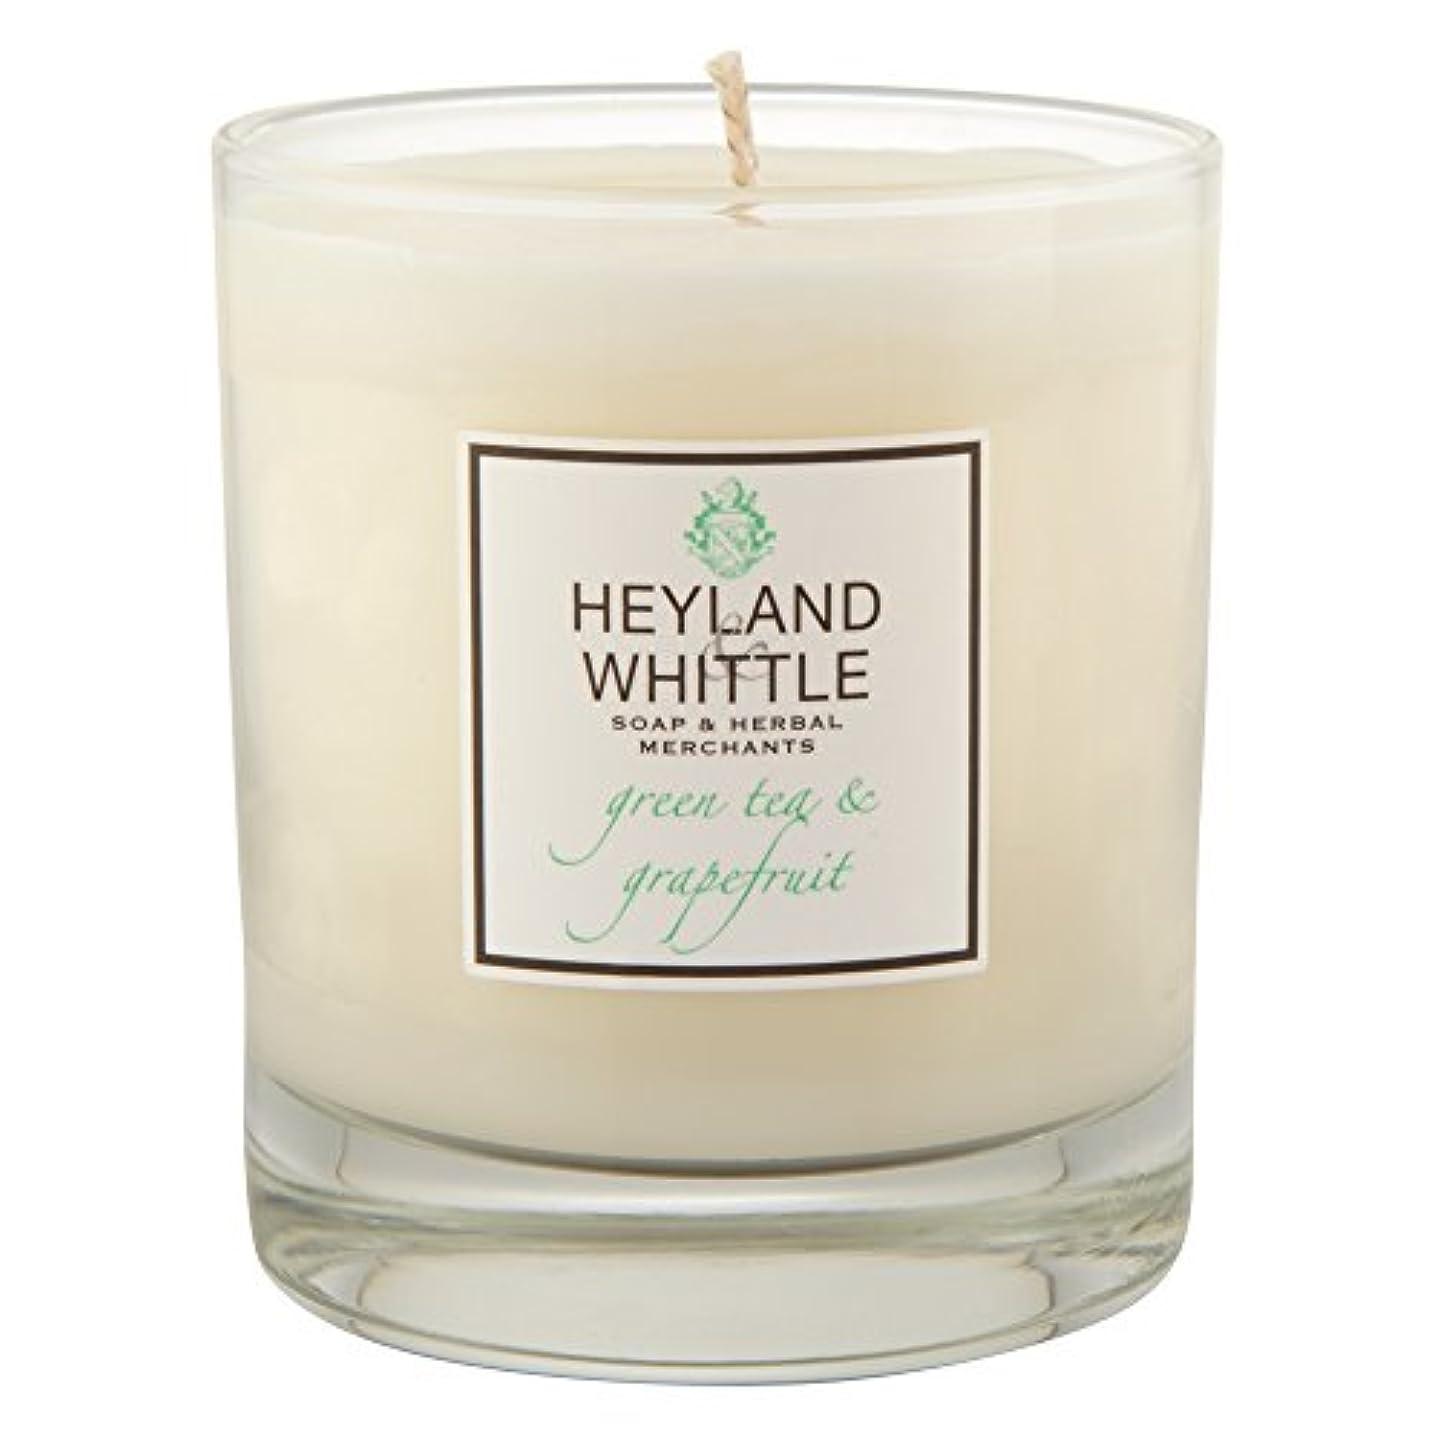 囲いオンス構造的Heyland&削る緑茶とグレープフルーツキャンドル (Heyland & Whittle) - Heyland & Whittle Green Tea and Grapefruit Candle [並行輸入品]